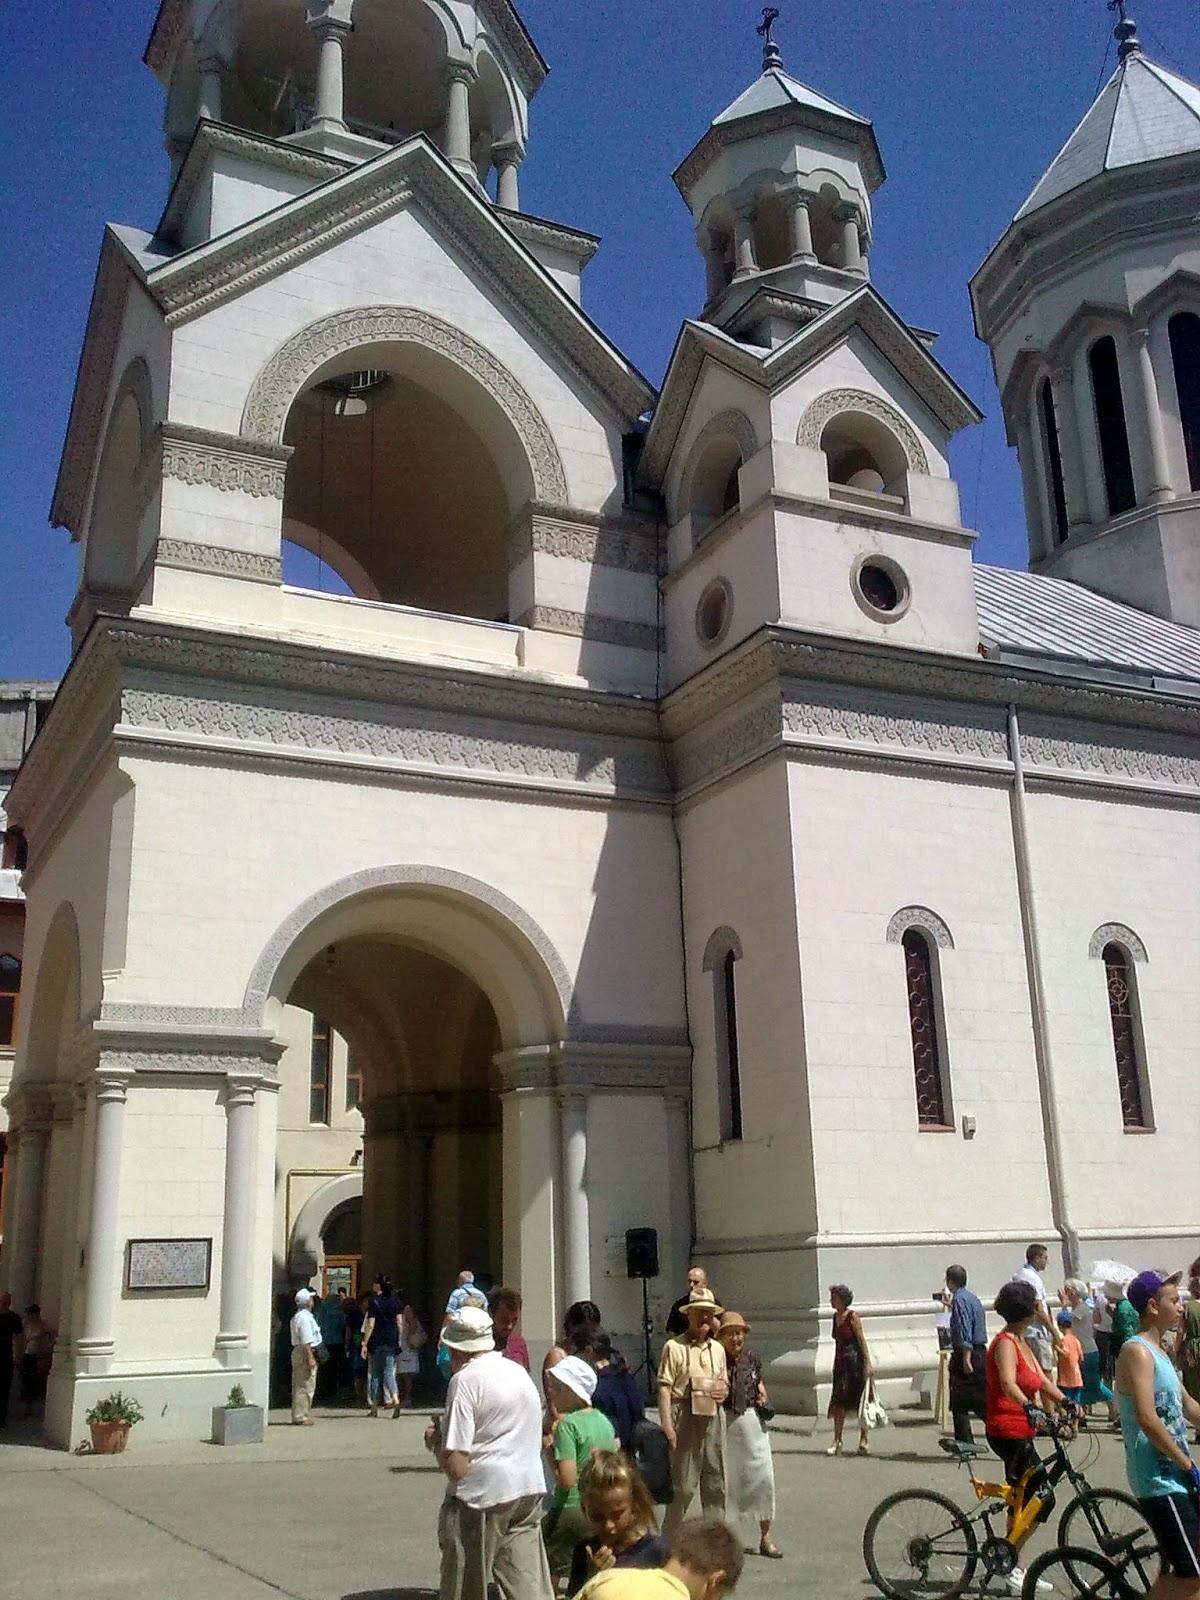 """imagine dincurtea Bisericii armeneşti la  Festivalul """"Strada Armenească"""""""